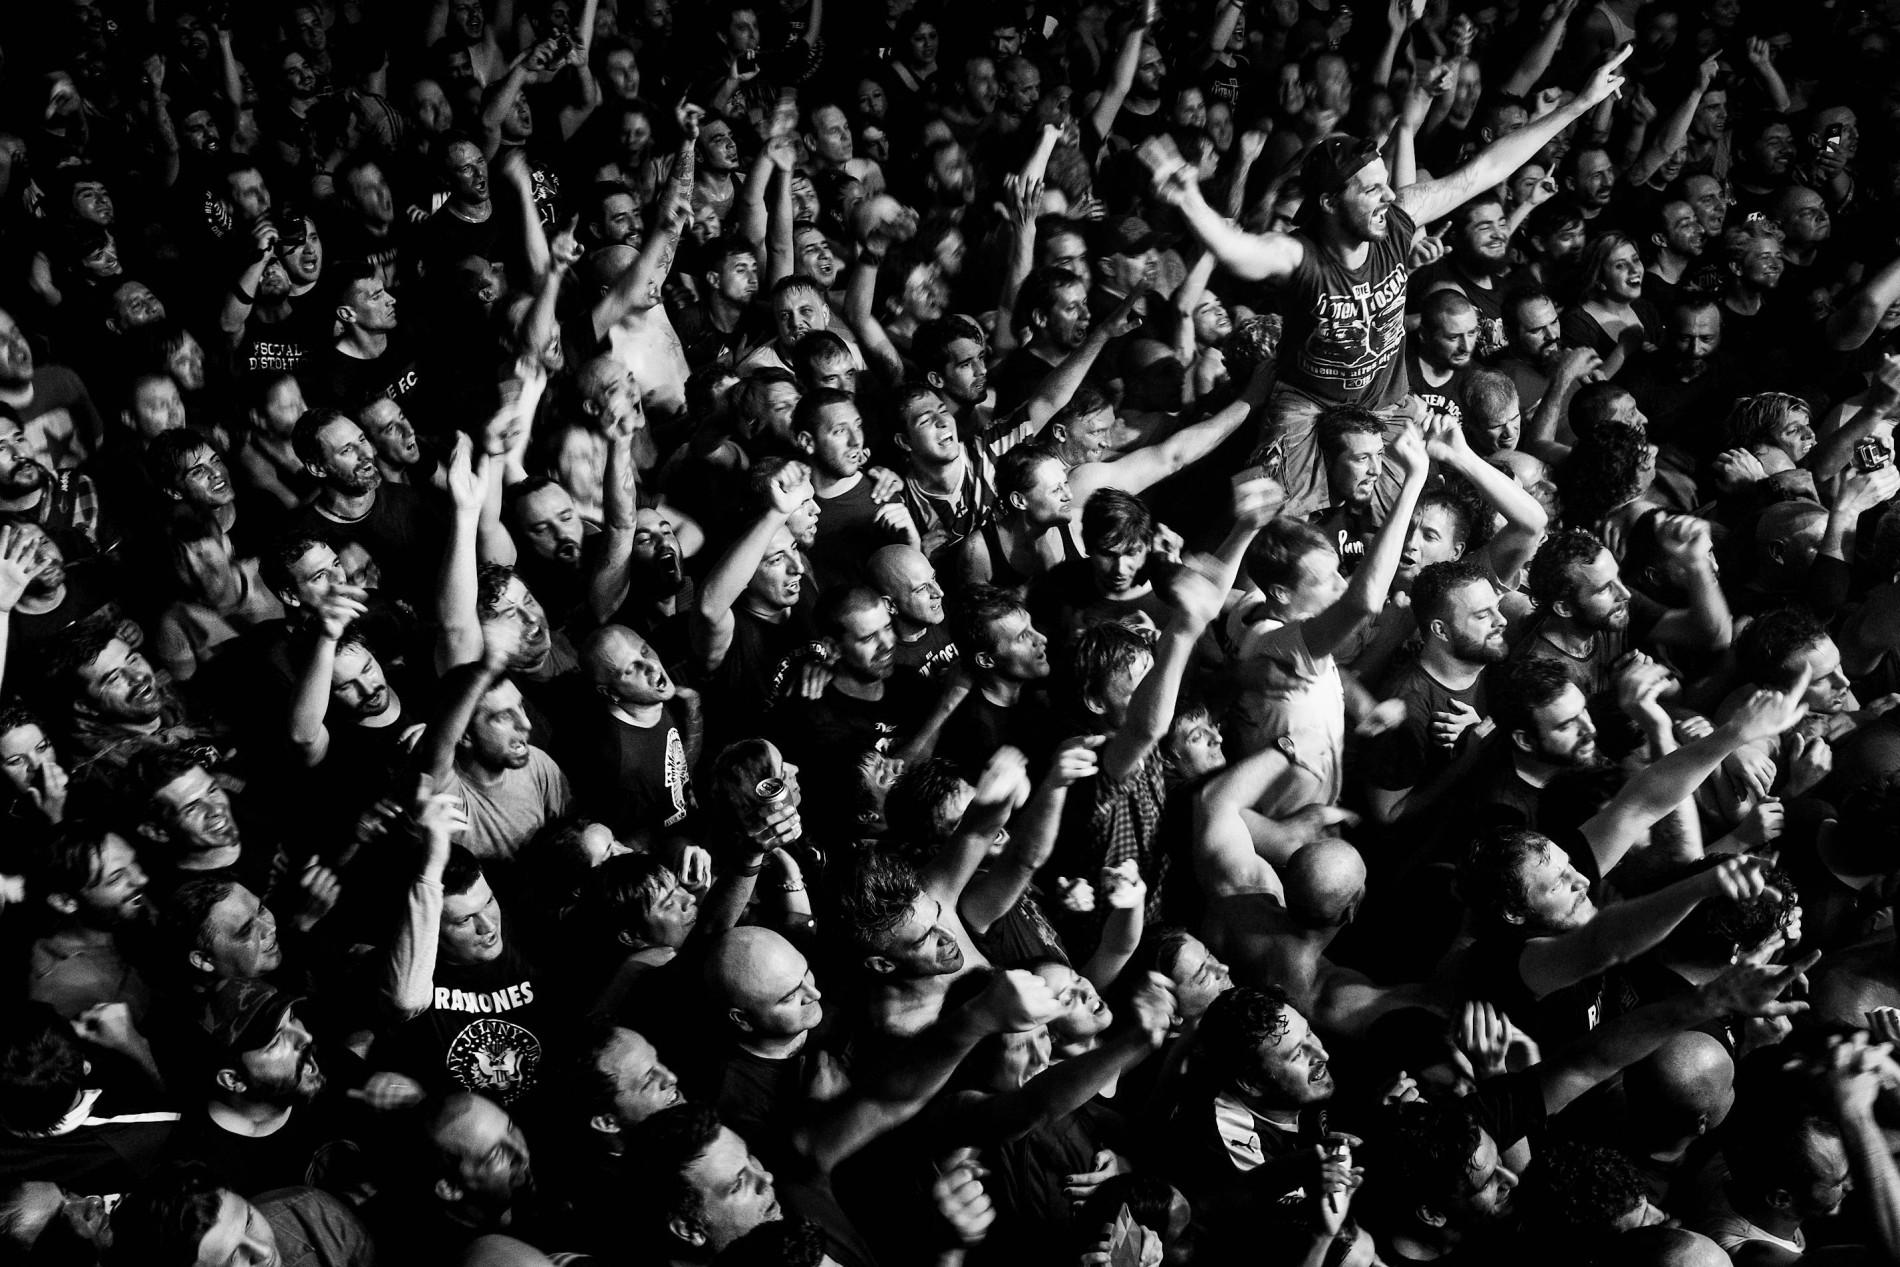 Die Toten Hosen Auf Tour In Argentinien Hasta La Muerte